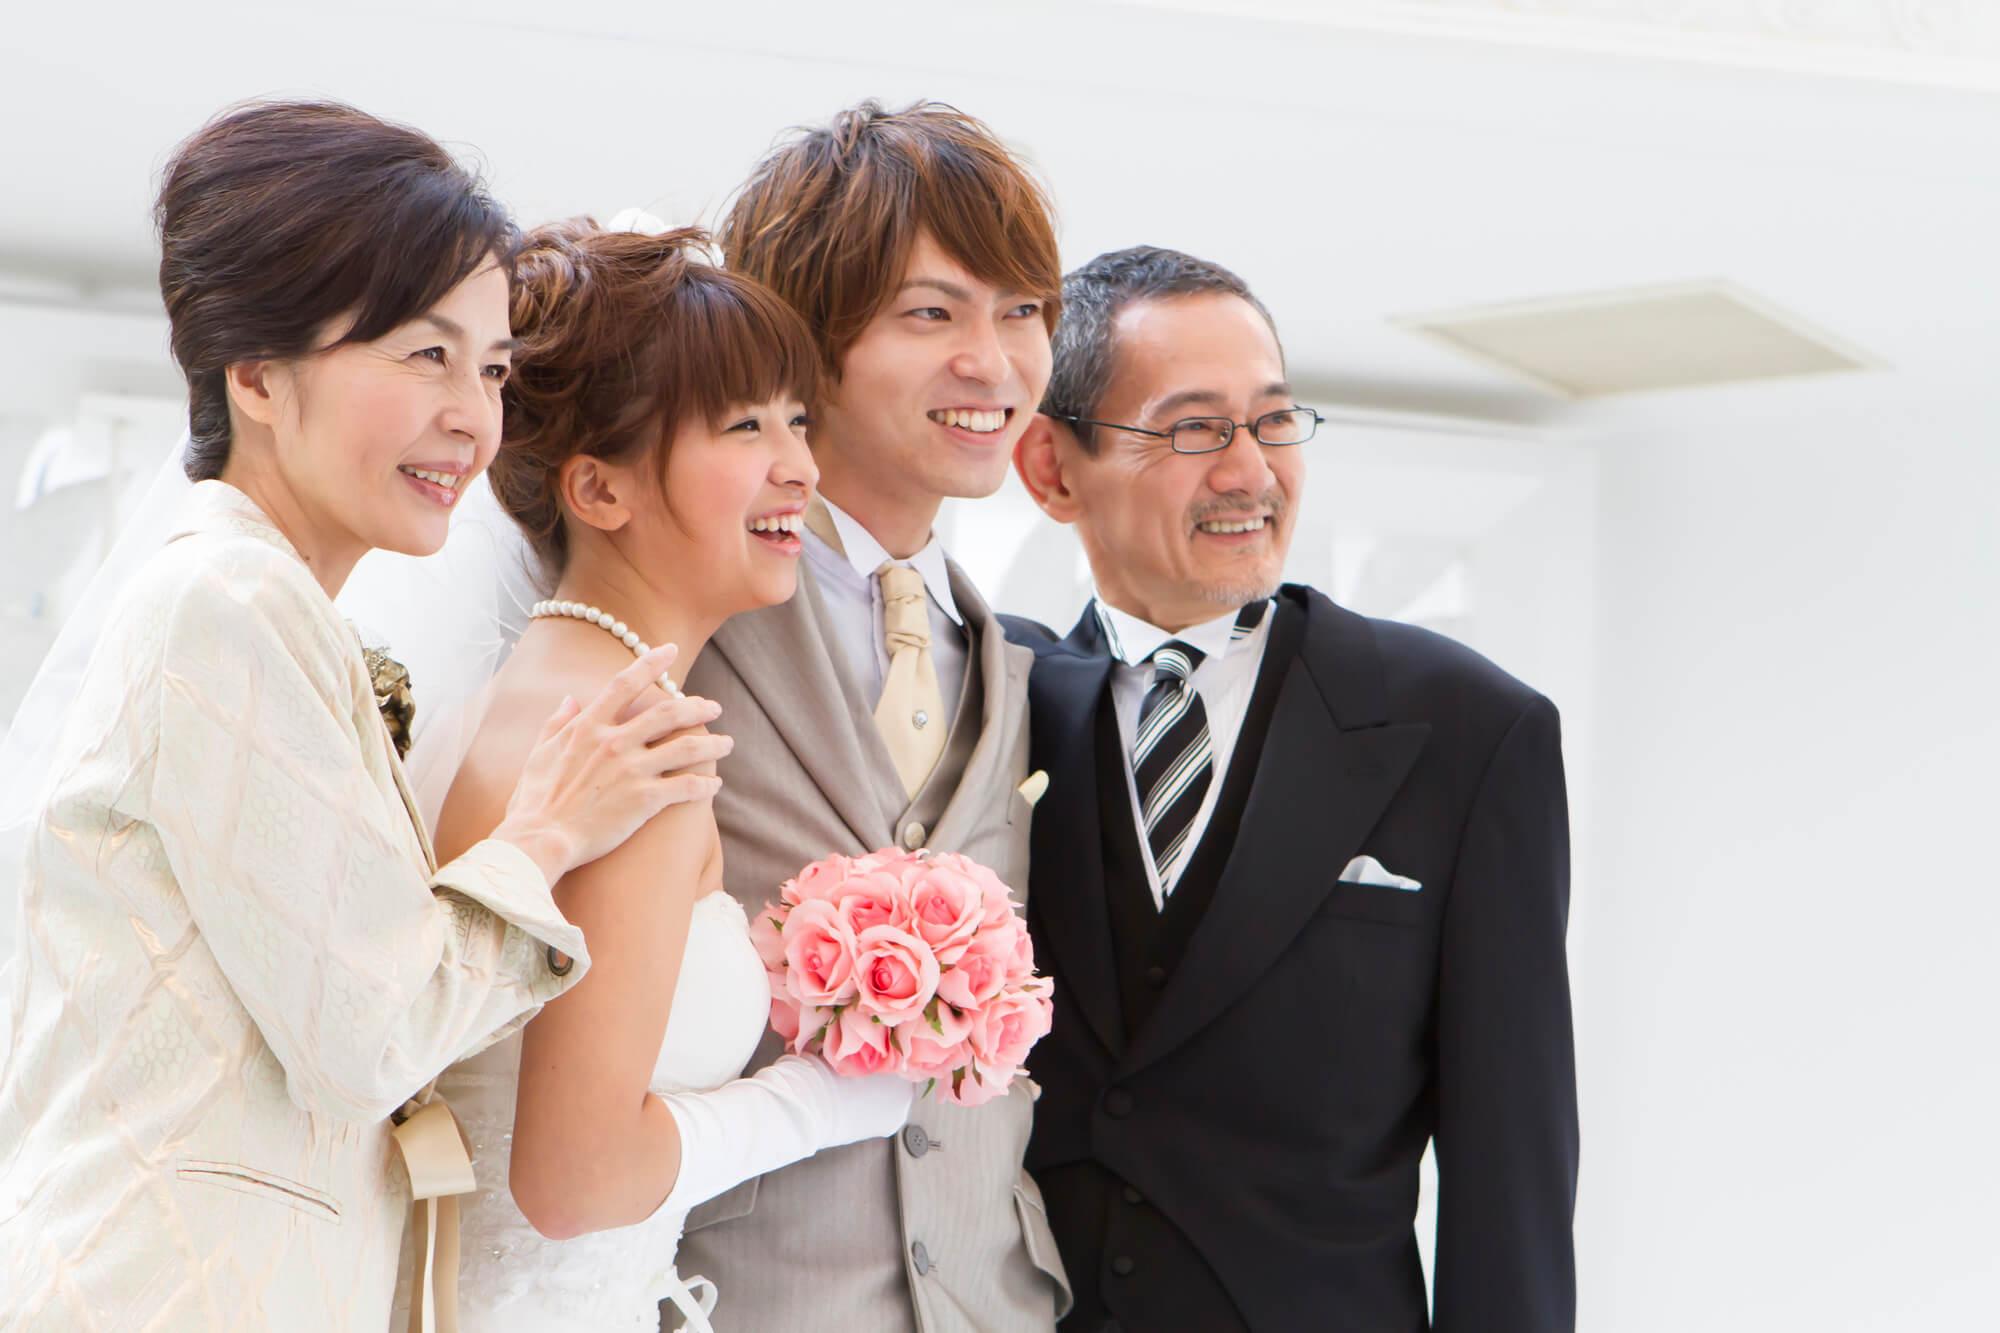 60代に人気のレンタルドレス 結婚式参列で素敵な着こなしを